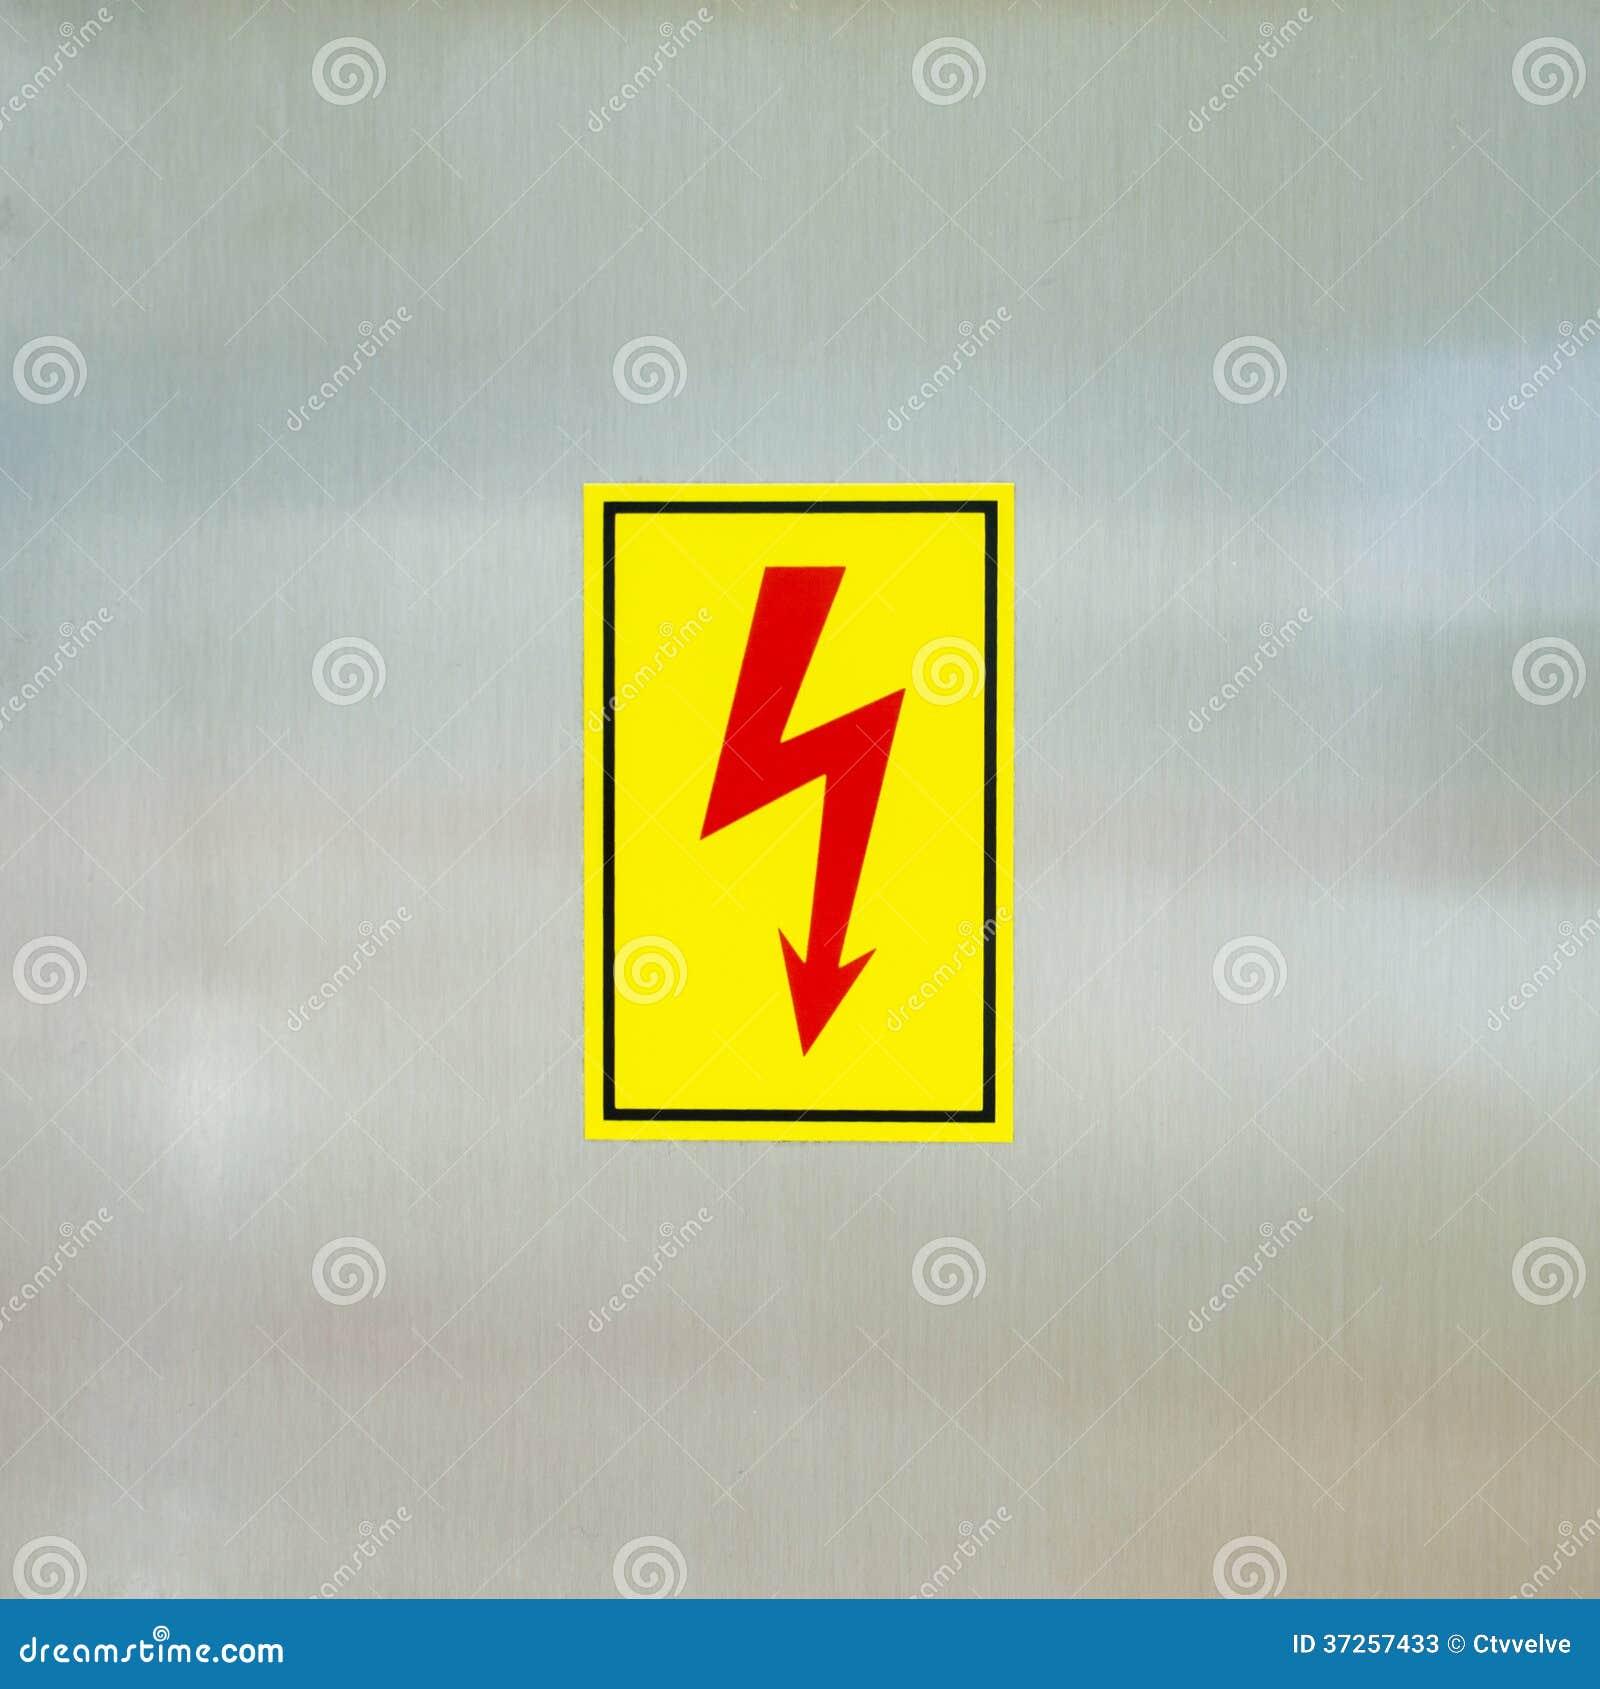 Großzügig Elektrische Hochspannungssymbole Galerie - Elektrische ...